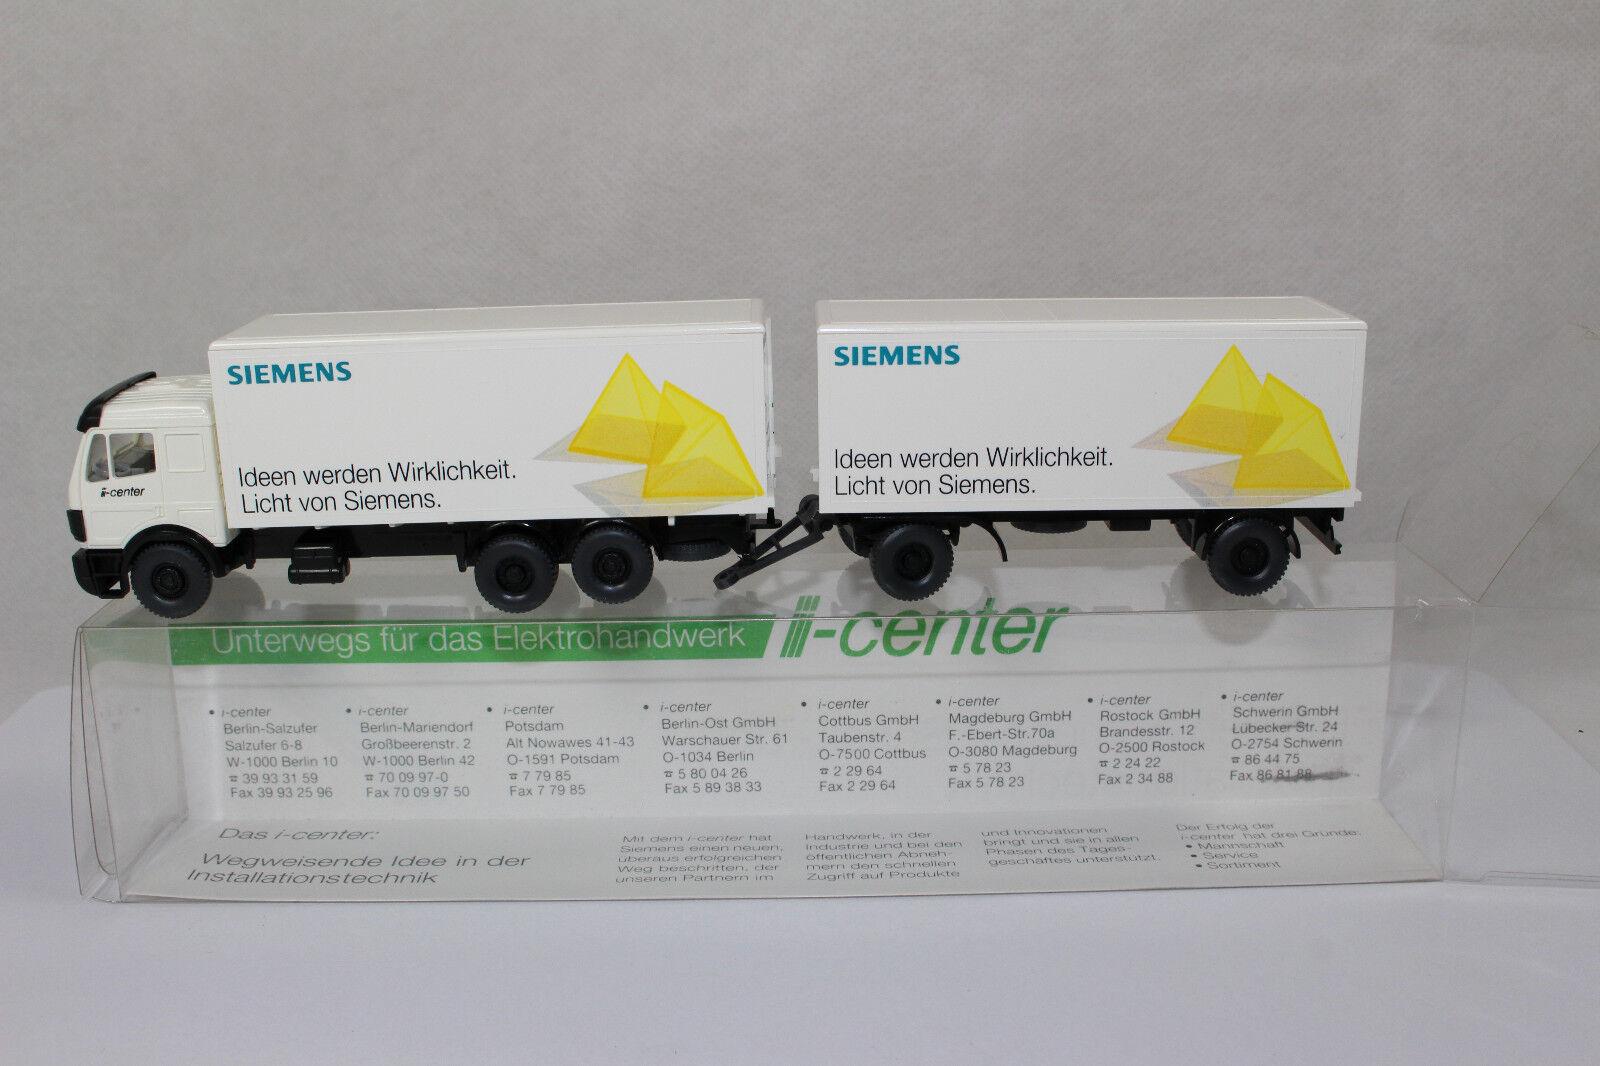 Sw2412, Wiking Siemens Mercedes -Benz Hängerzug LICHT von Siemens 1 87 HO BOX We